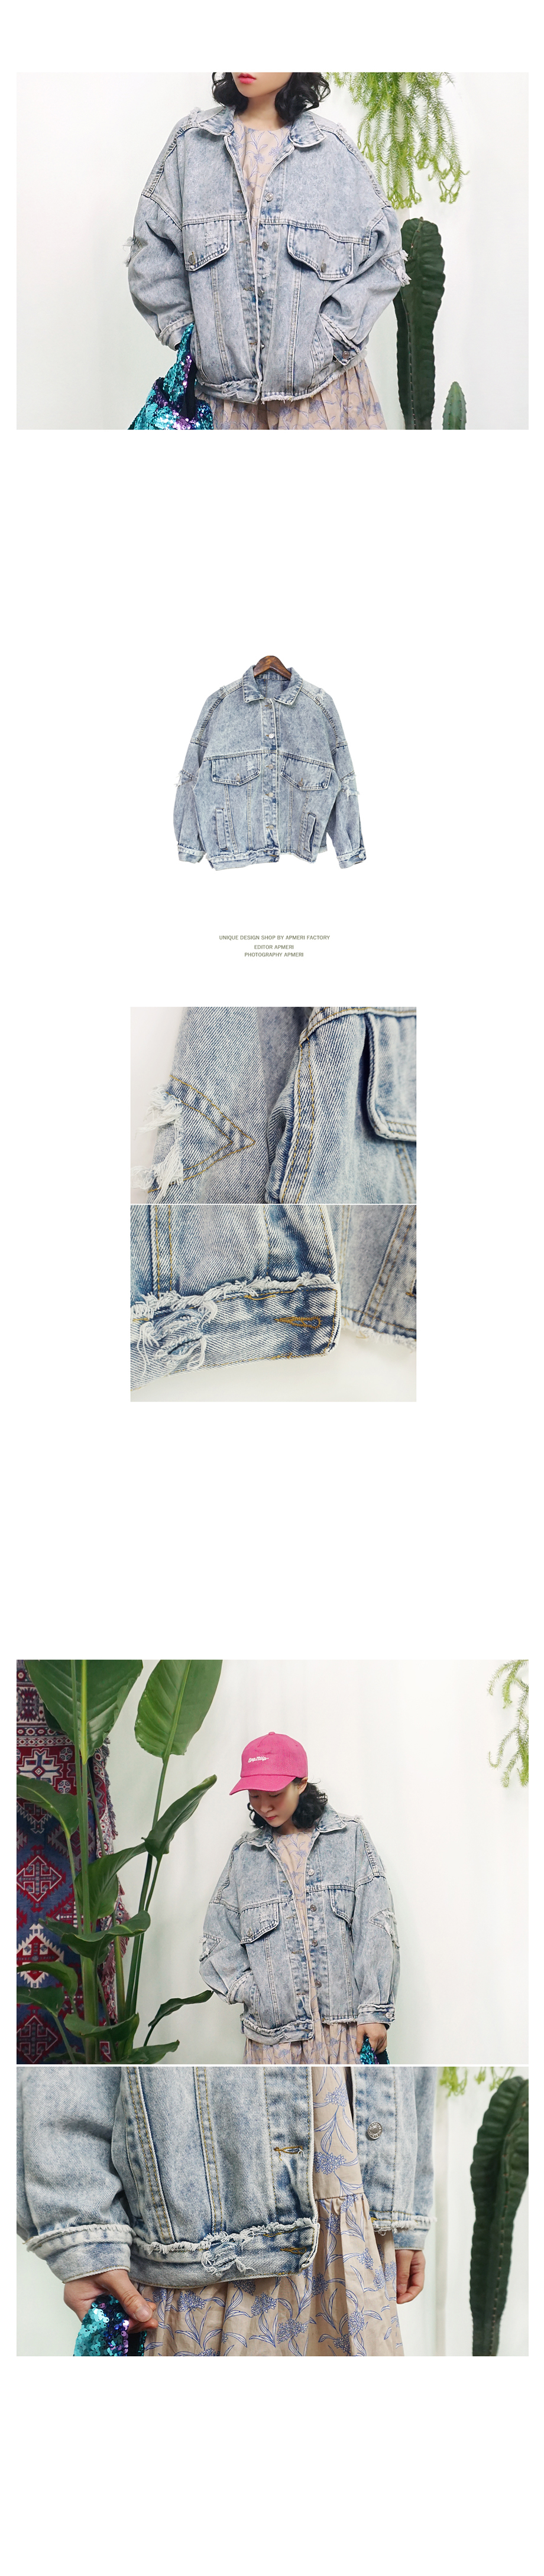 빈티지 워싱 컷 오버 데님 자켓 - 앞머리, 43,500원, 아우터, 자켓